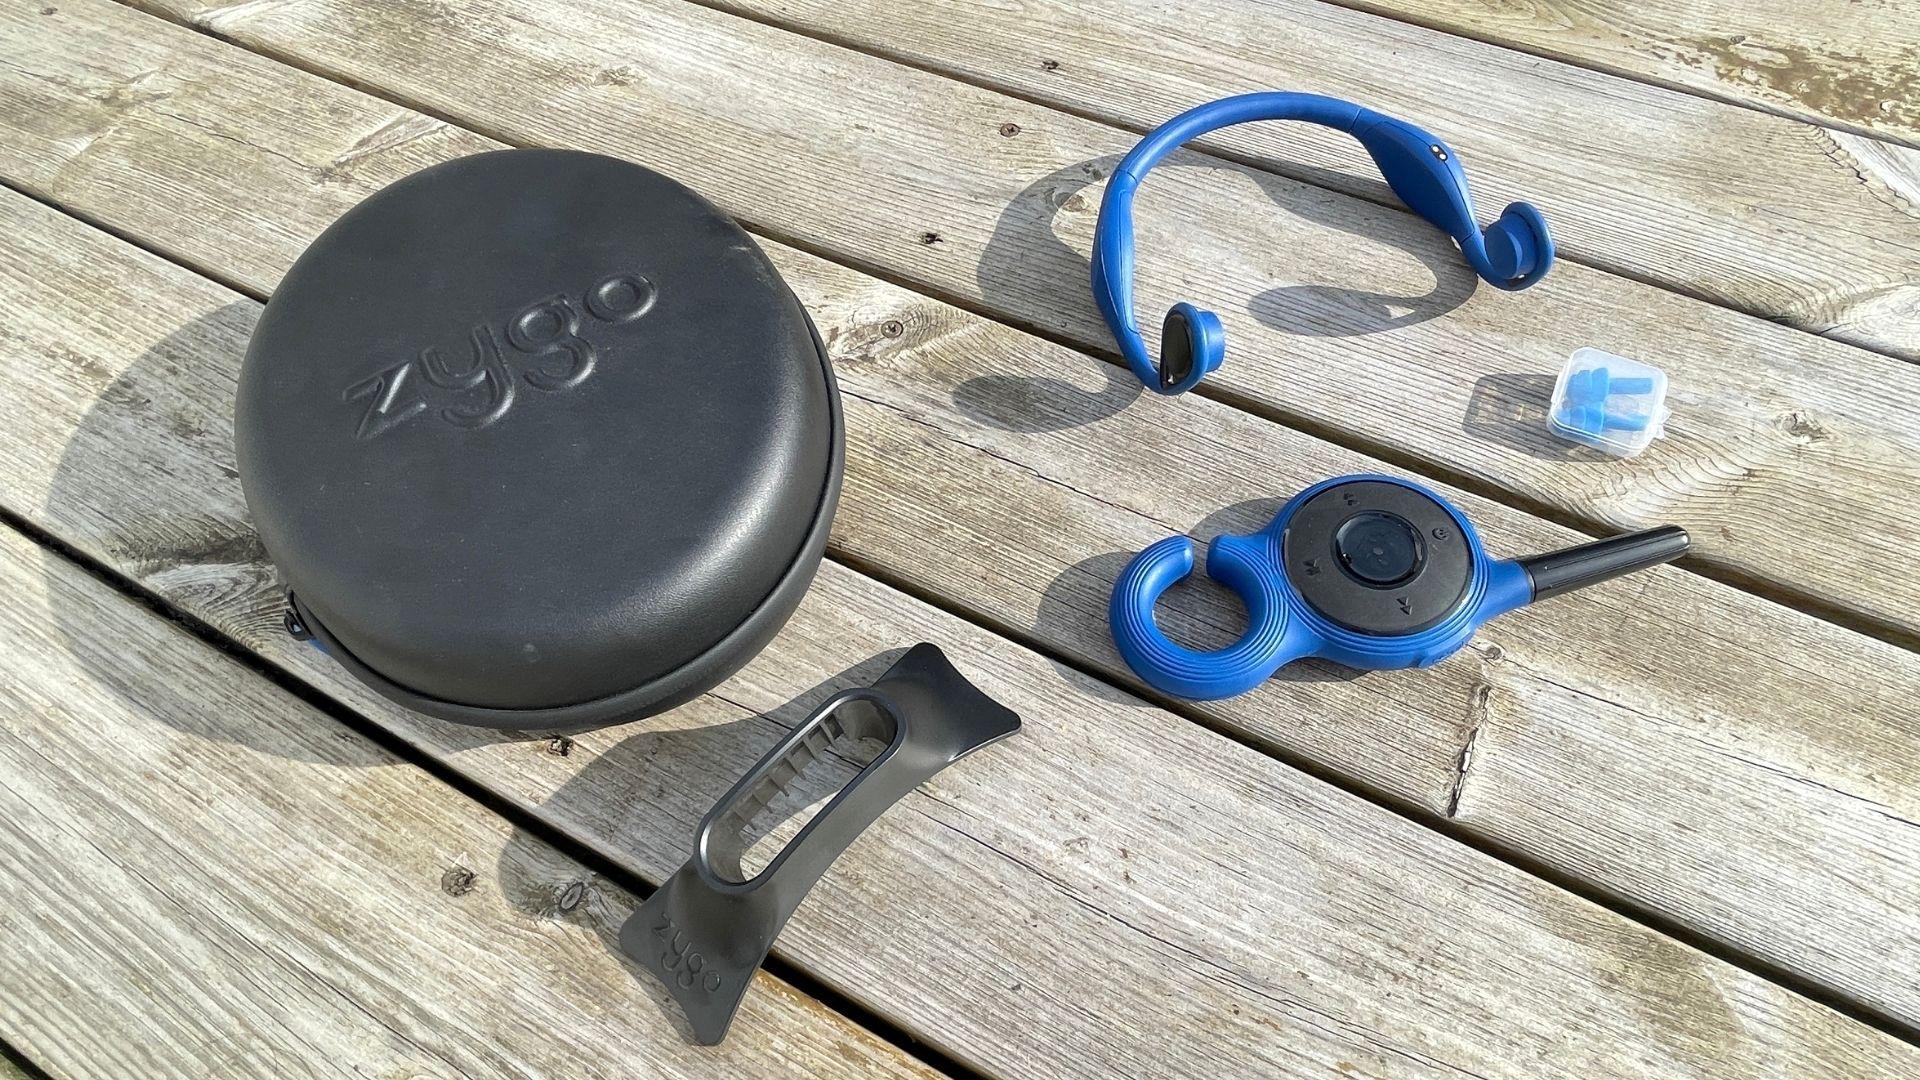 Zygo Solo equipment